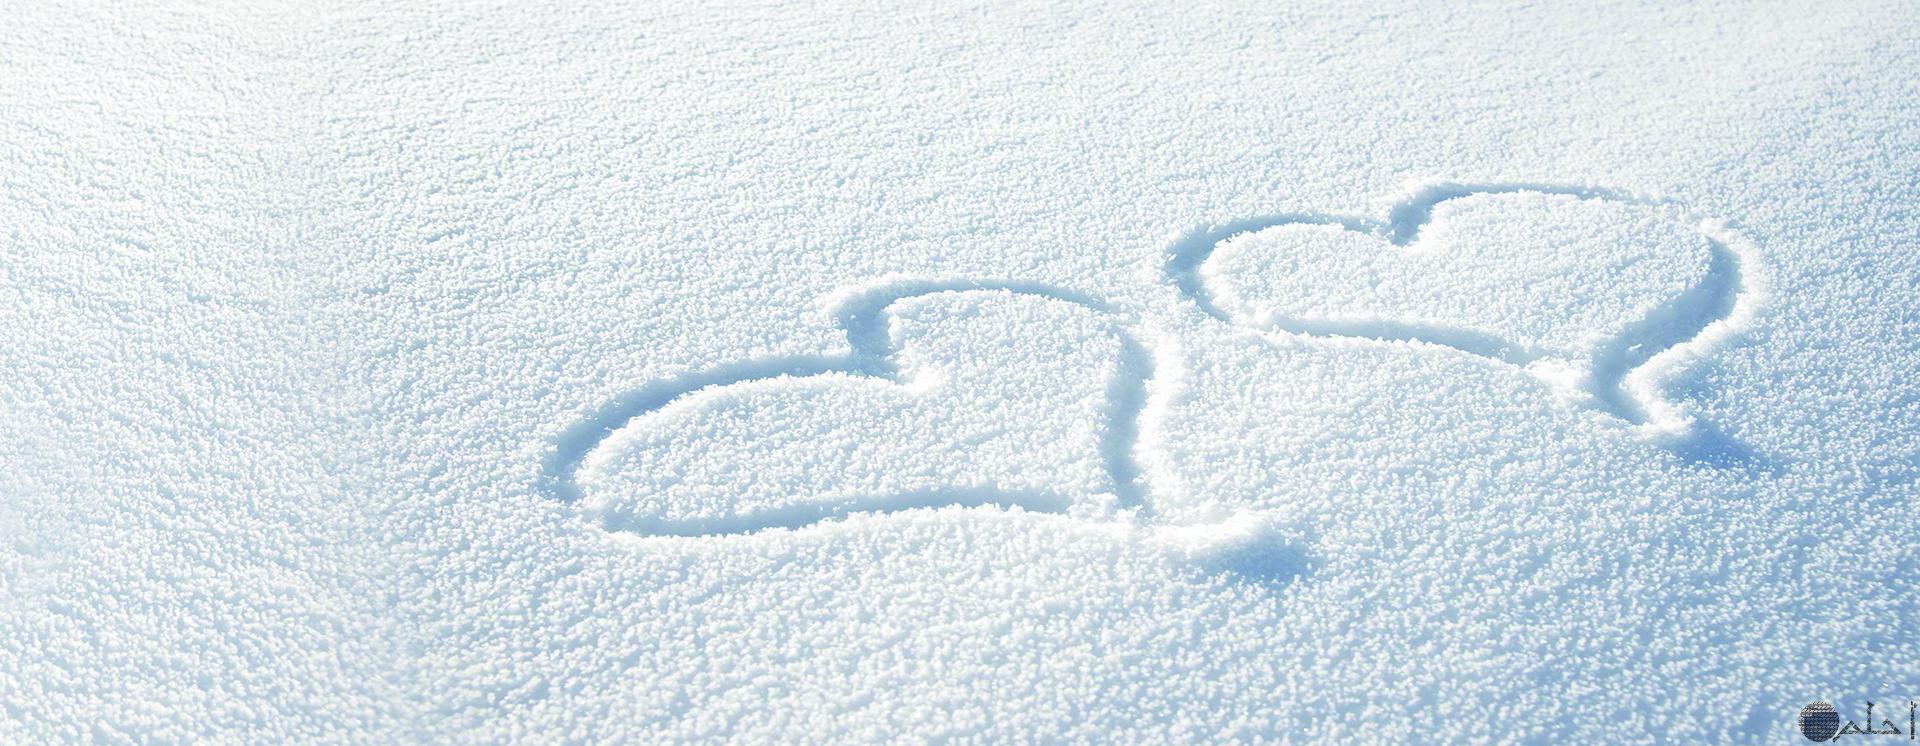 رسم قلب أبيض على الثلج